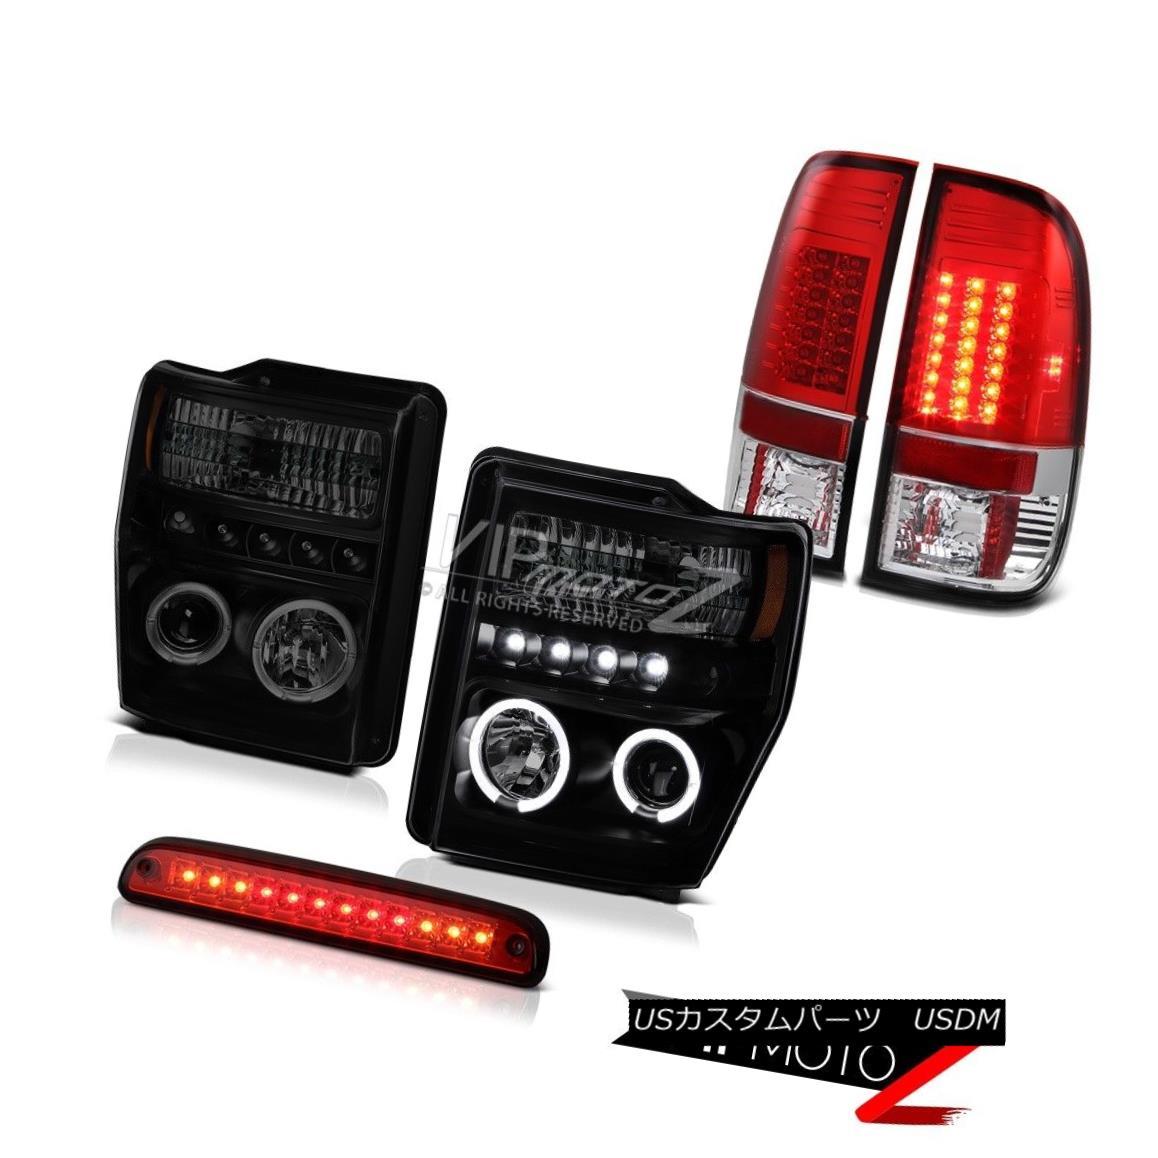 ヘッドライト Halo Ring LED Headlights Roof Brake Red Tail Lights 2008-2010 Ford F250 F350 FX4 ハローリングLEDヘッドライトルーフブレーキ赤テールライト2008-2010 Ford F250 F350 FX4